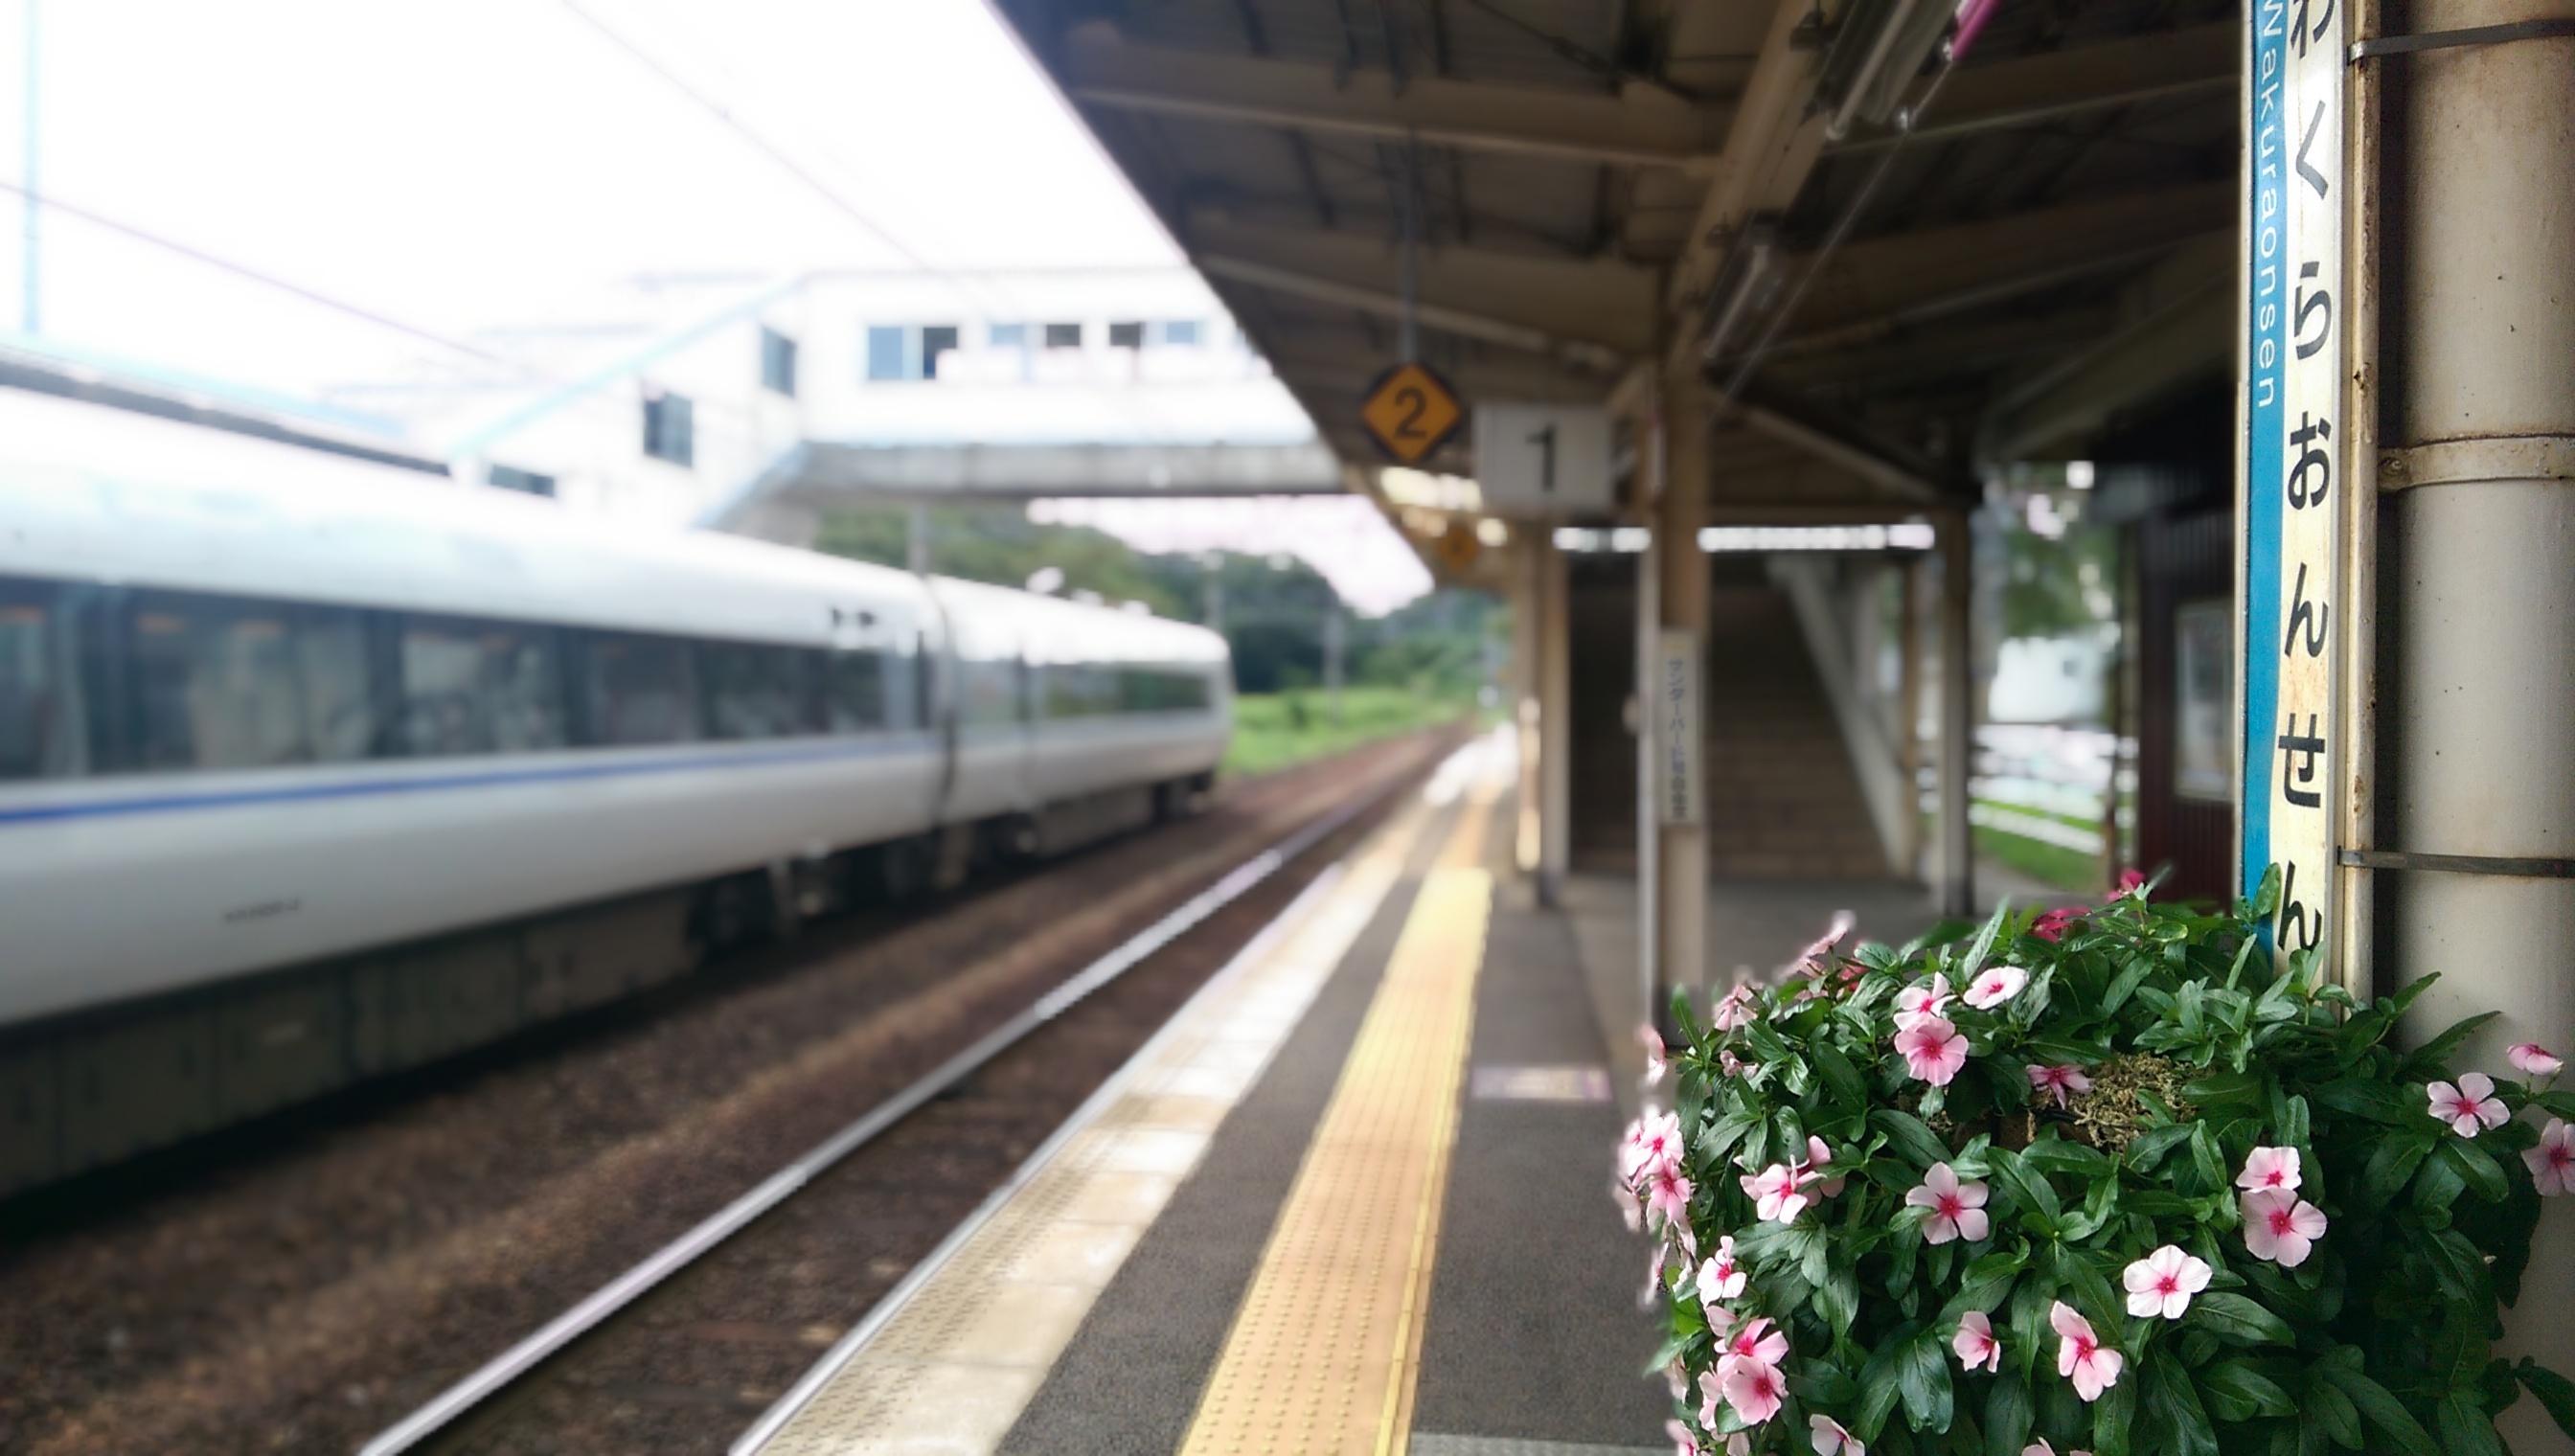 Wakura-onsen Station